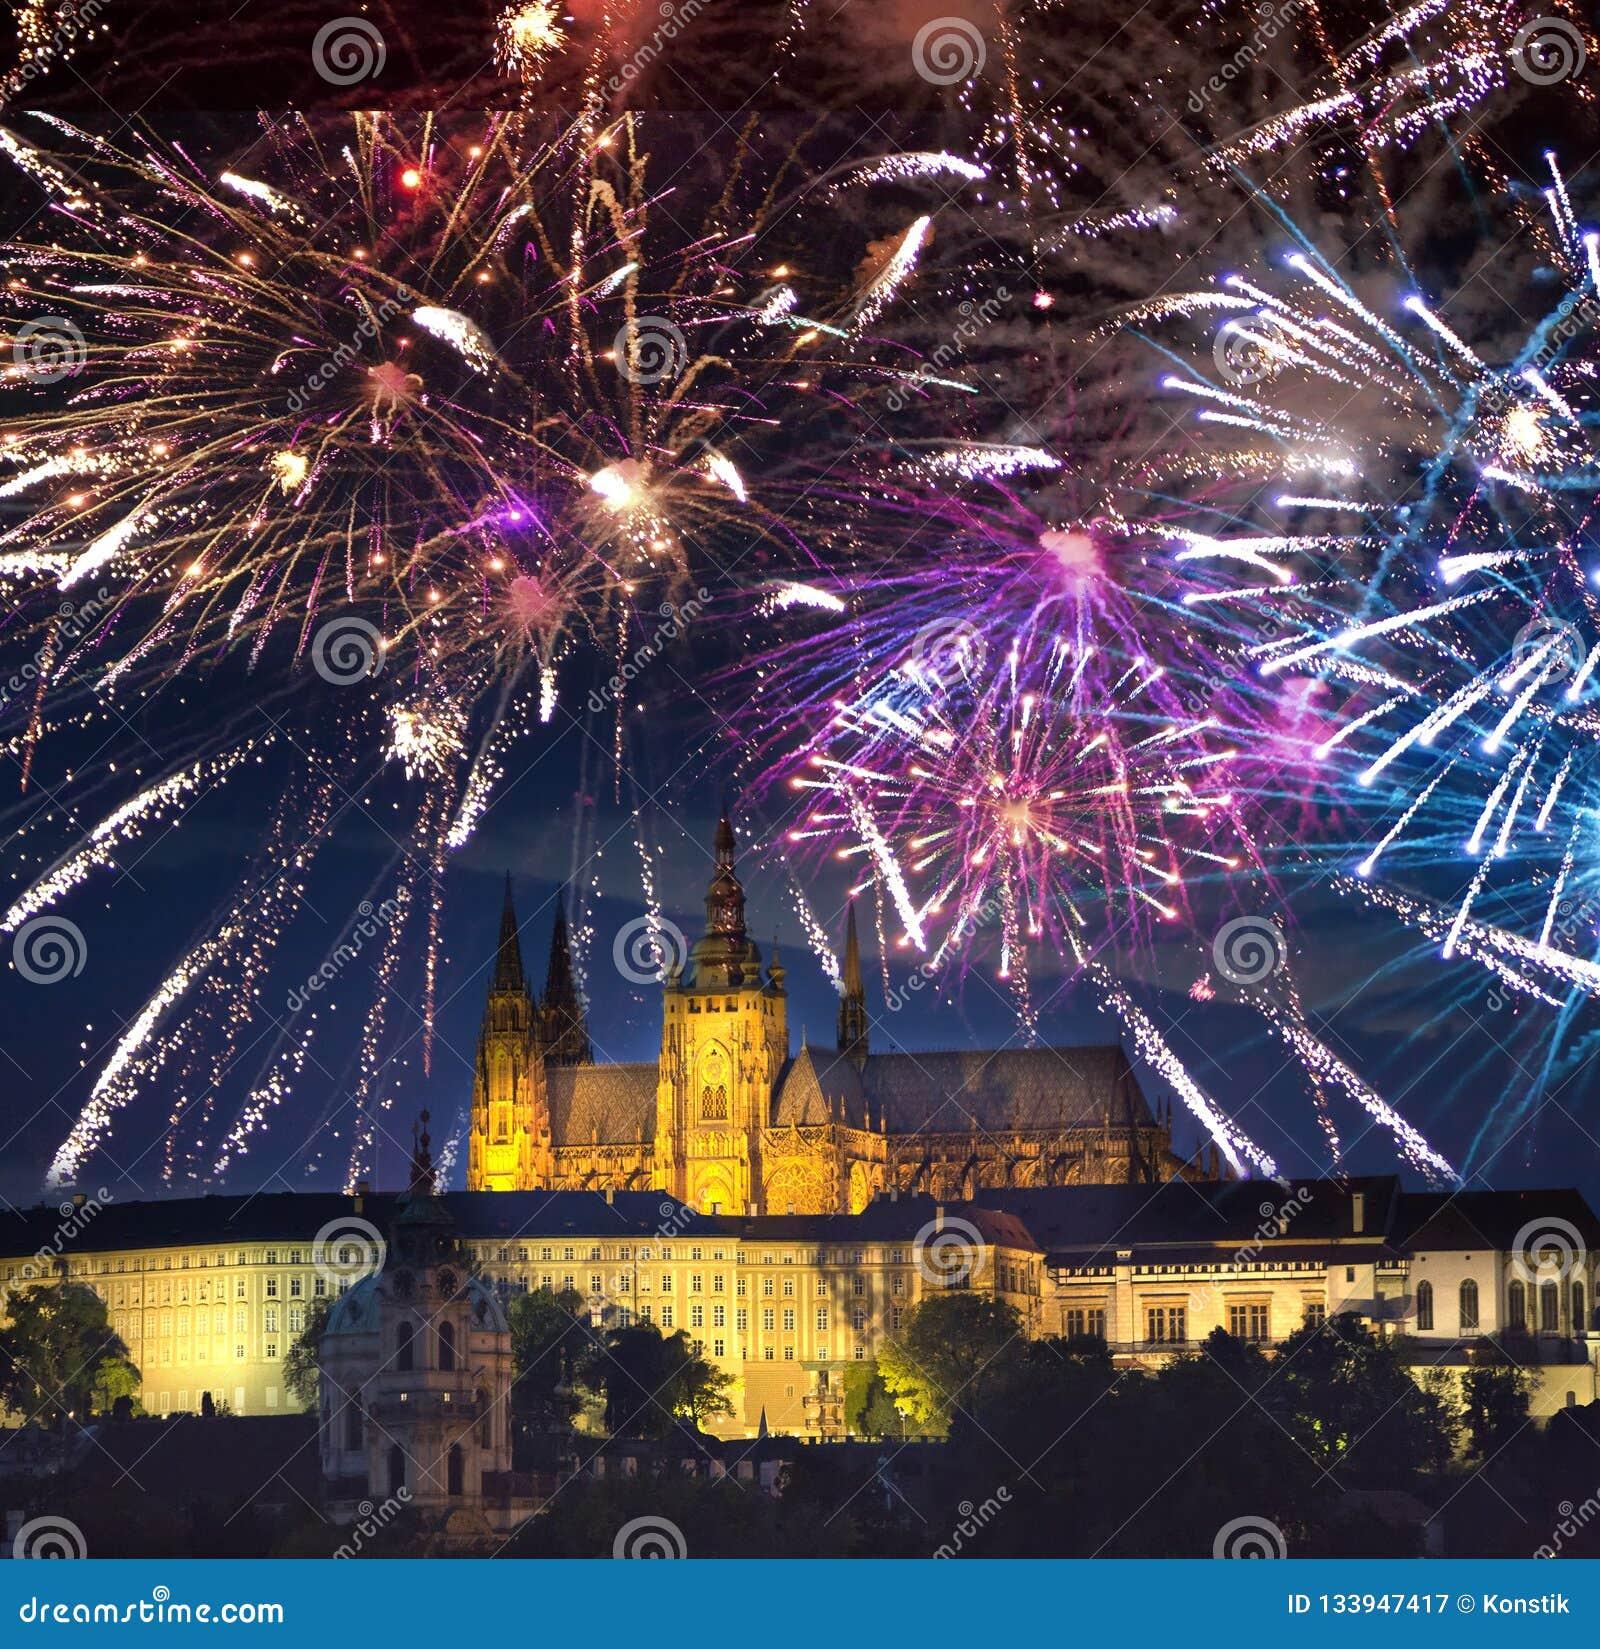 Εορταστικό πυροτέχνημα πέρα από την παλαιά πόλη και καθεδρικός ναός Αγίου Vitus στην Πράγα, Δημοκρατία της Τσεχίας